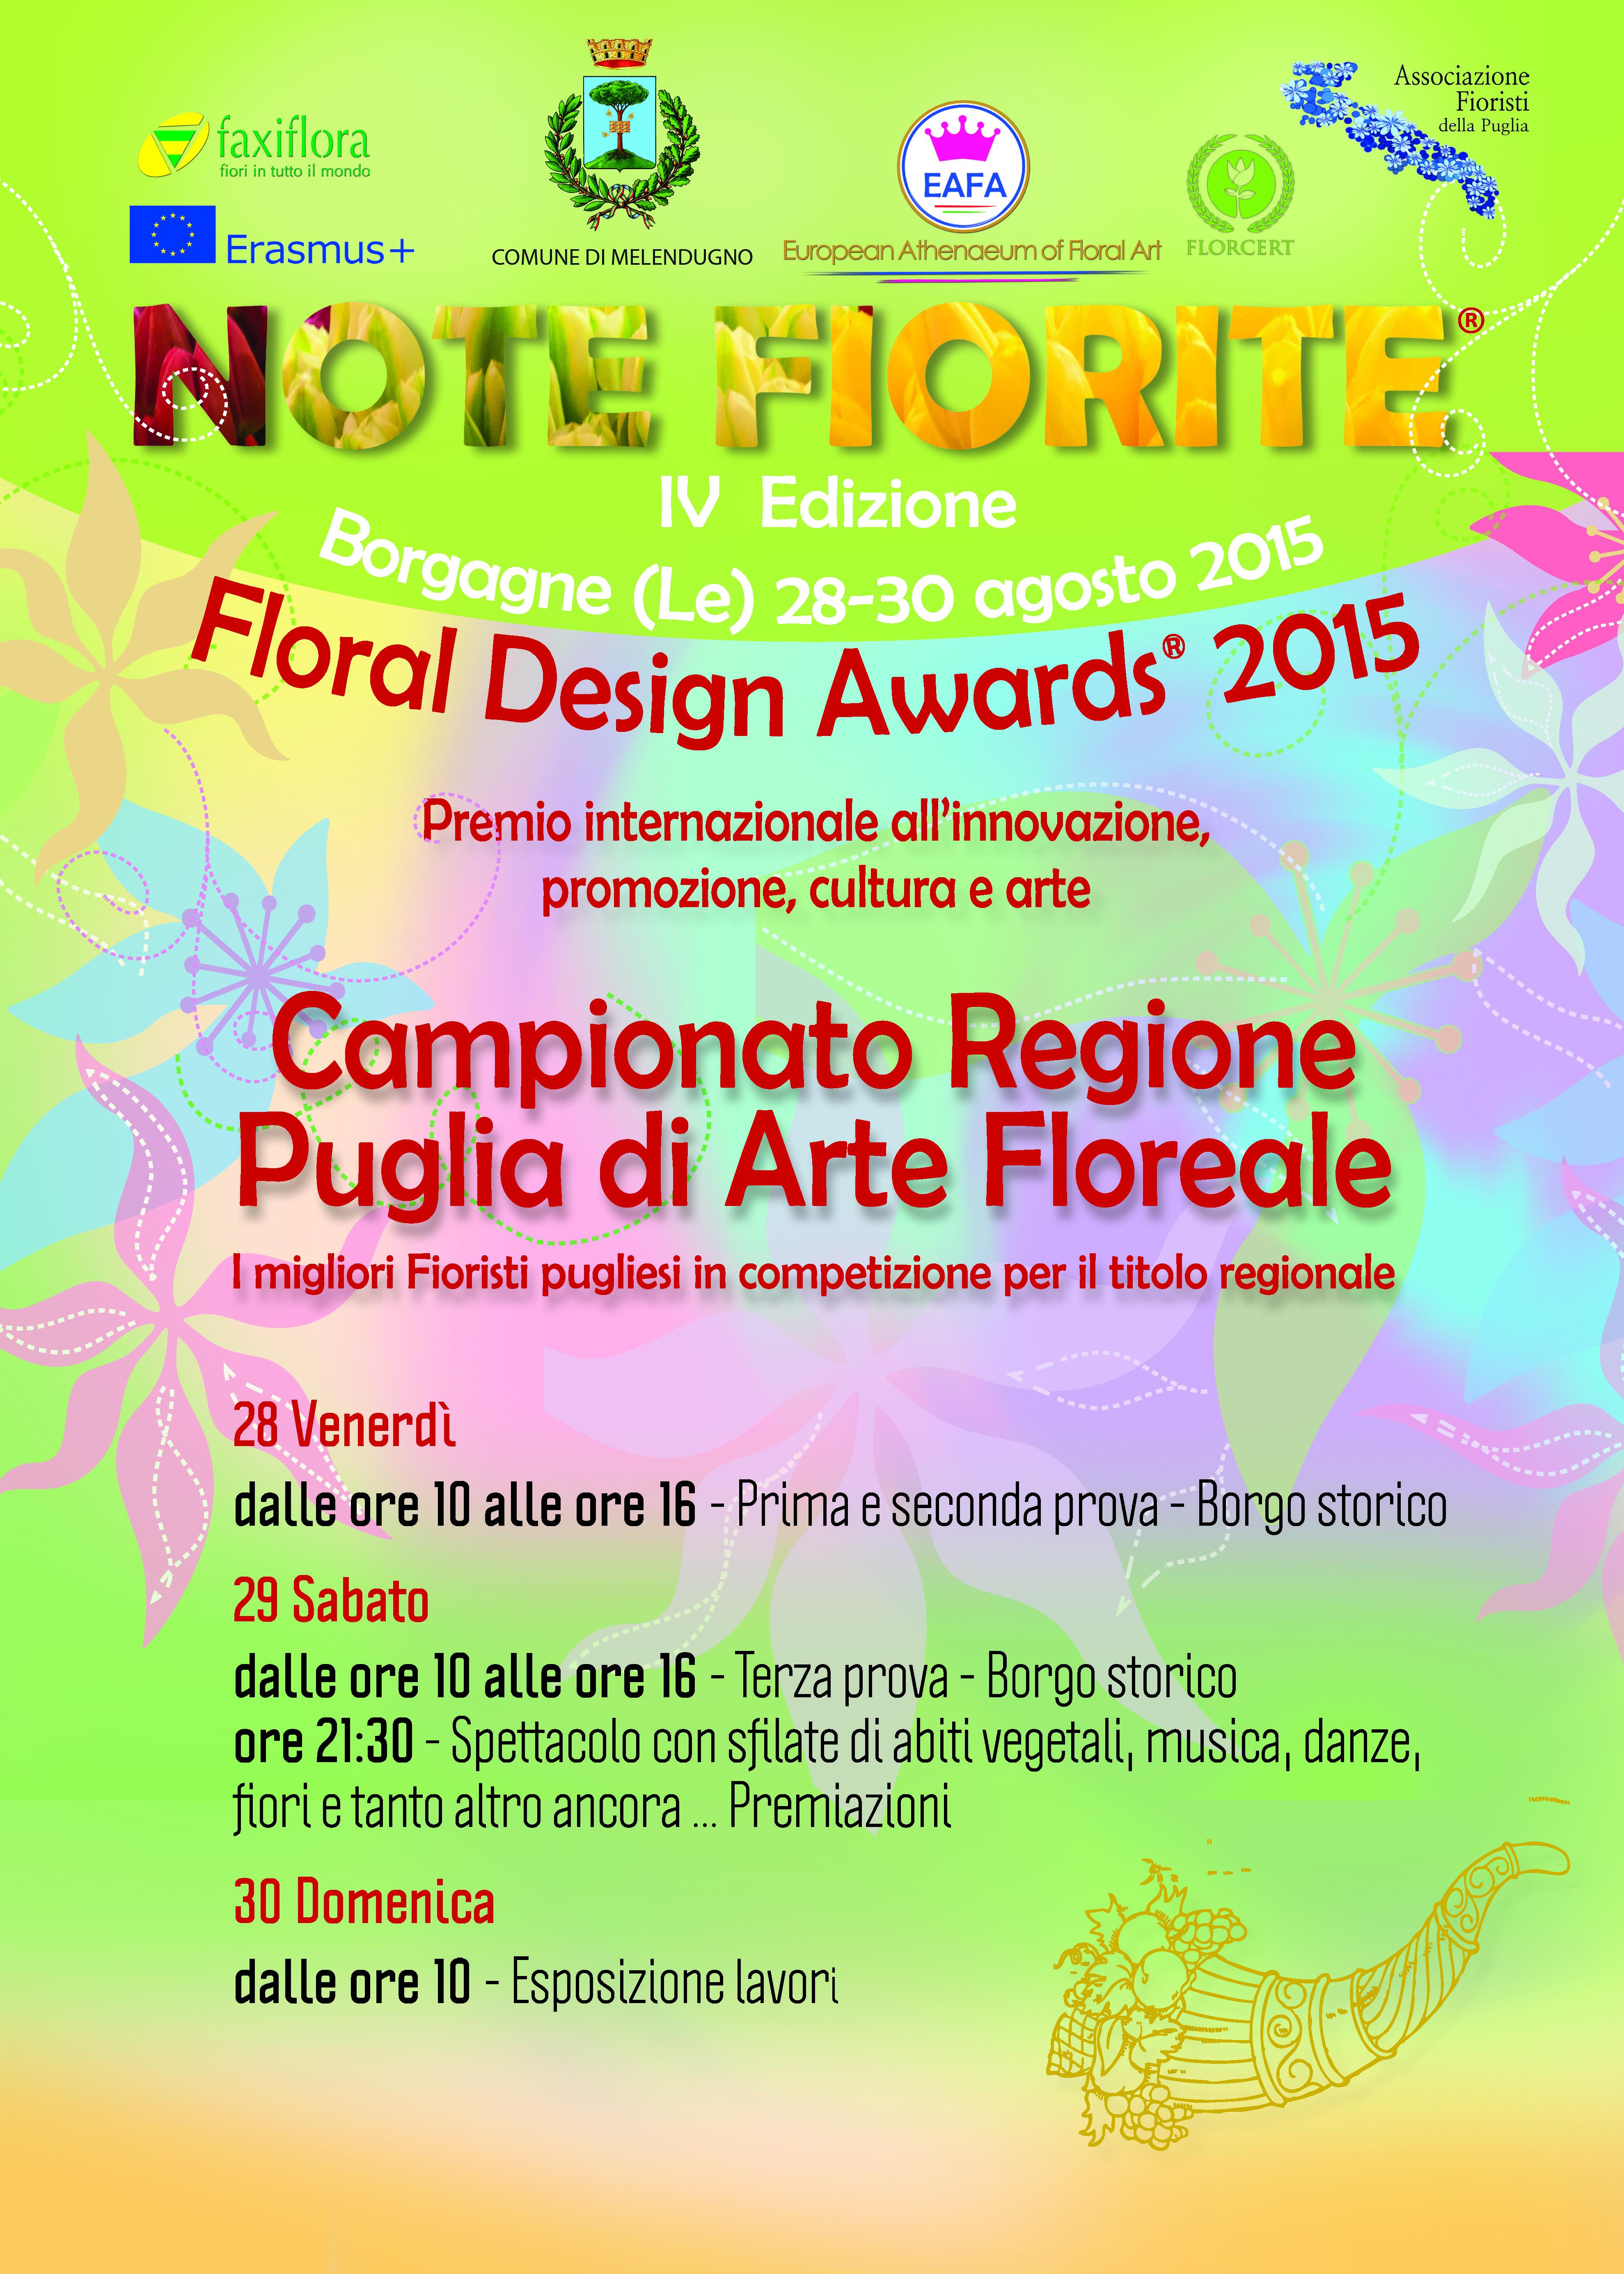 Mini corso dedicato all'arte floreale a Cavallino promosso LEVERANO FIORI in collaborazione con EUROPEAN ATHENAEUM OF FLORAL ART (EAFA) e con l'ASSOCIAZIONE FIORISTI DELLA PUGLIA